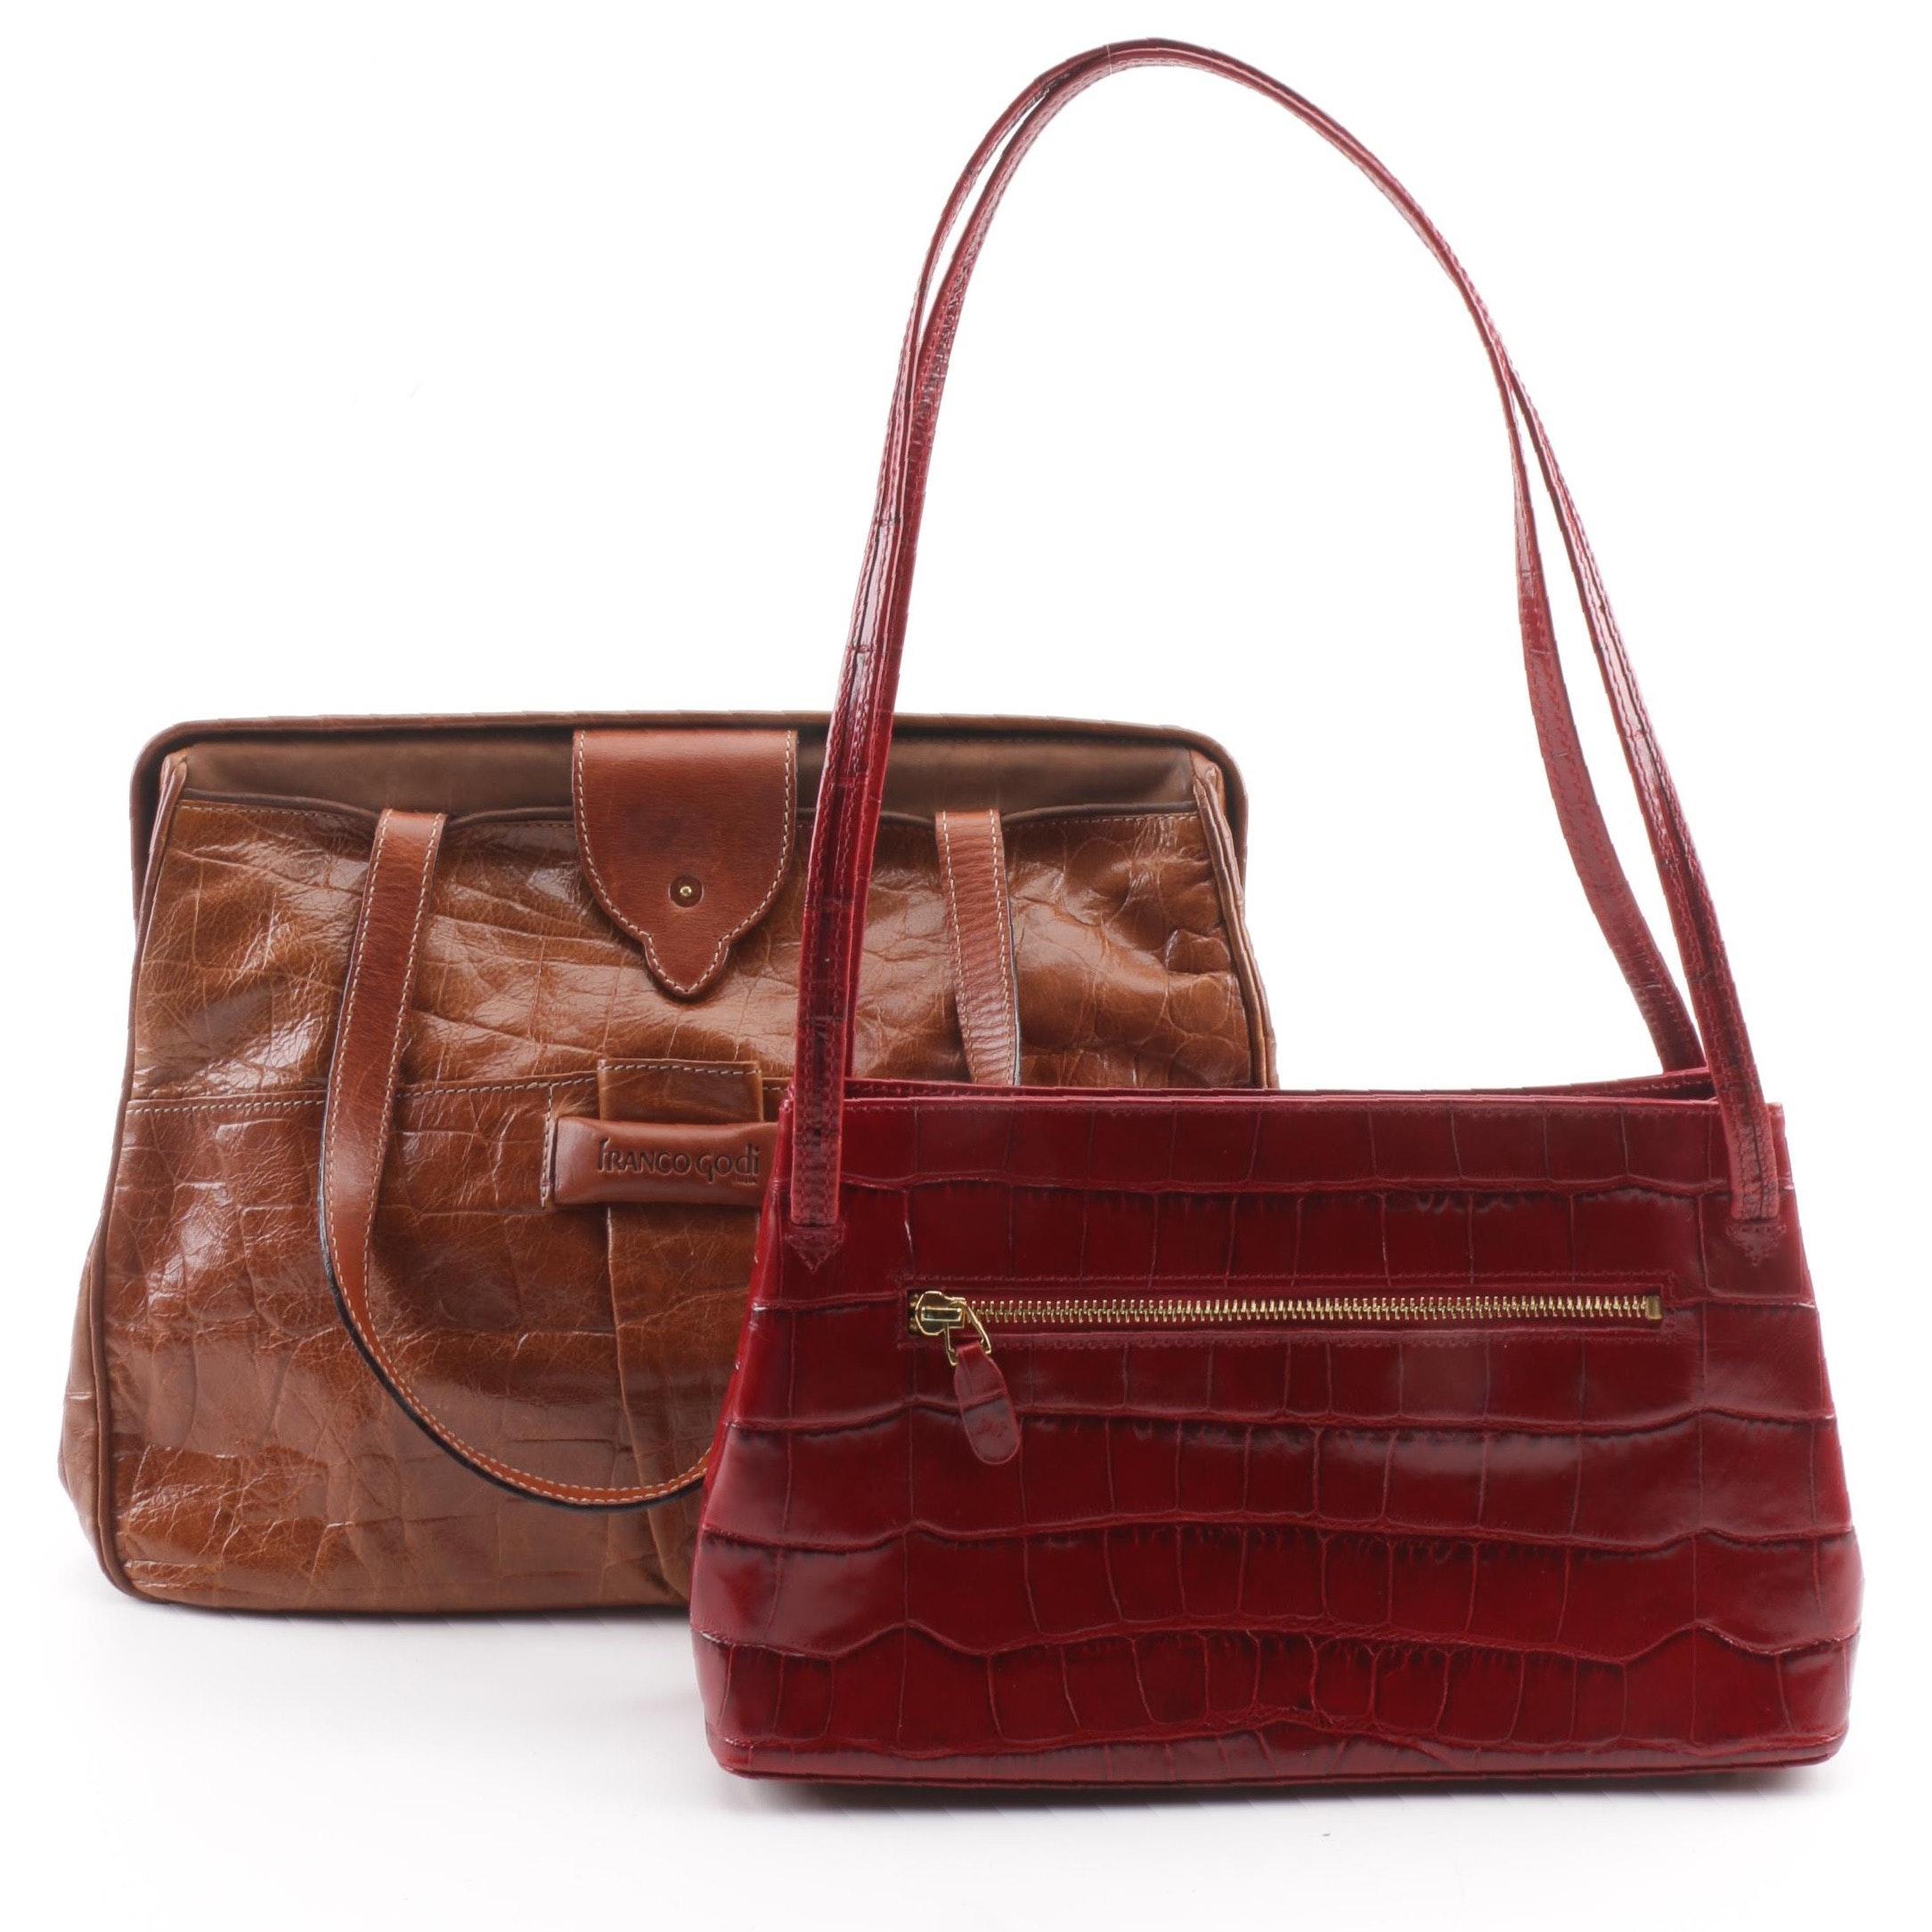 Embossed Crocodile Leather Franco Godi Doctor's Handbag Monsac Shoulder Bag